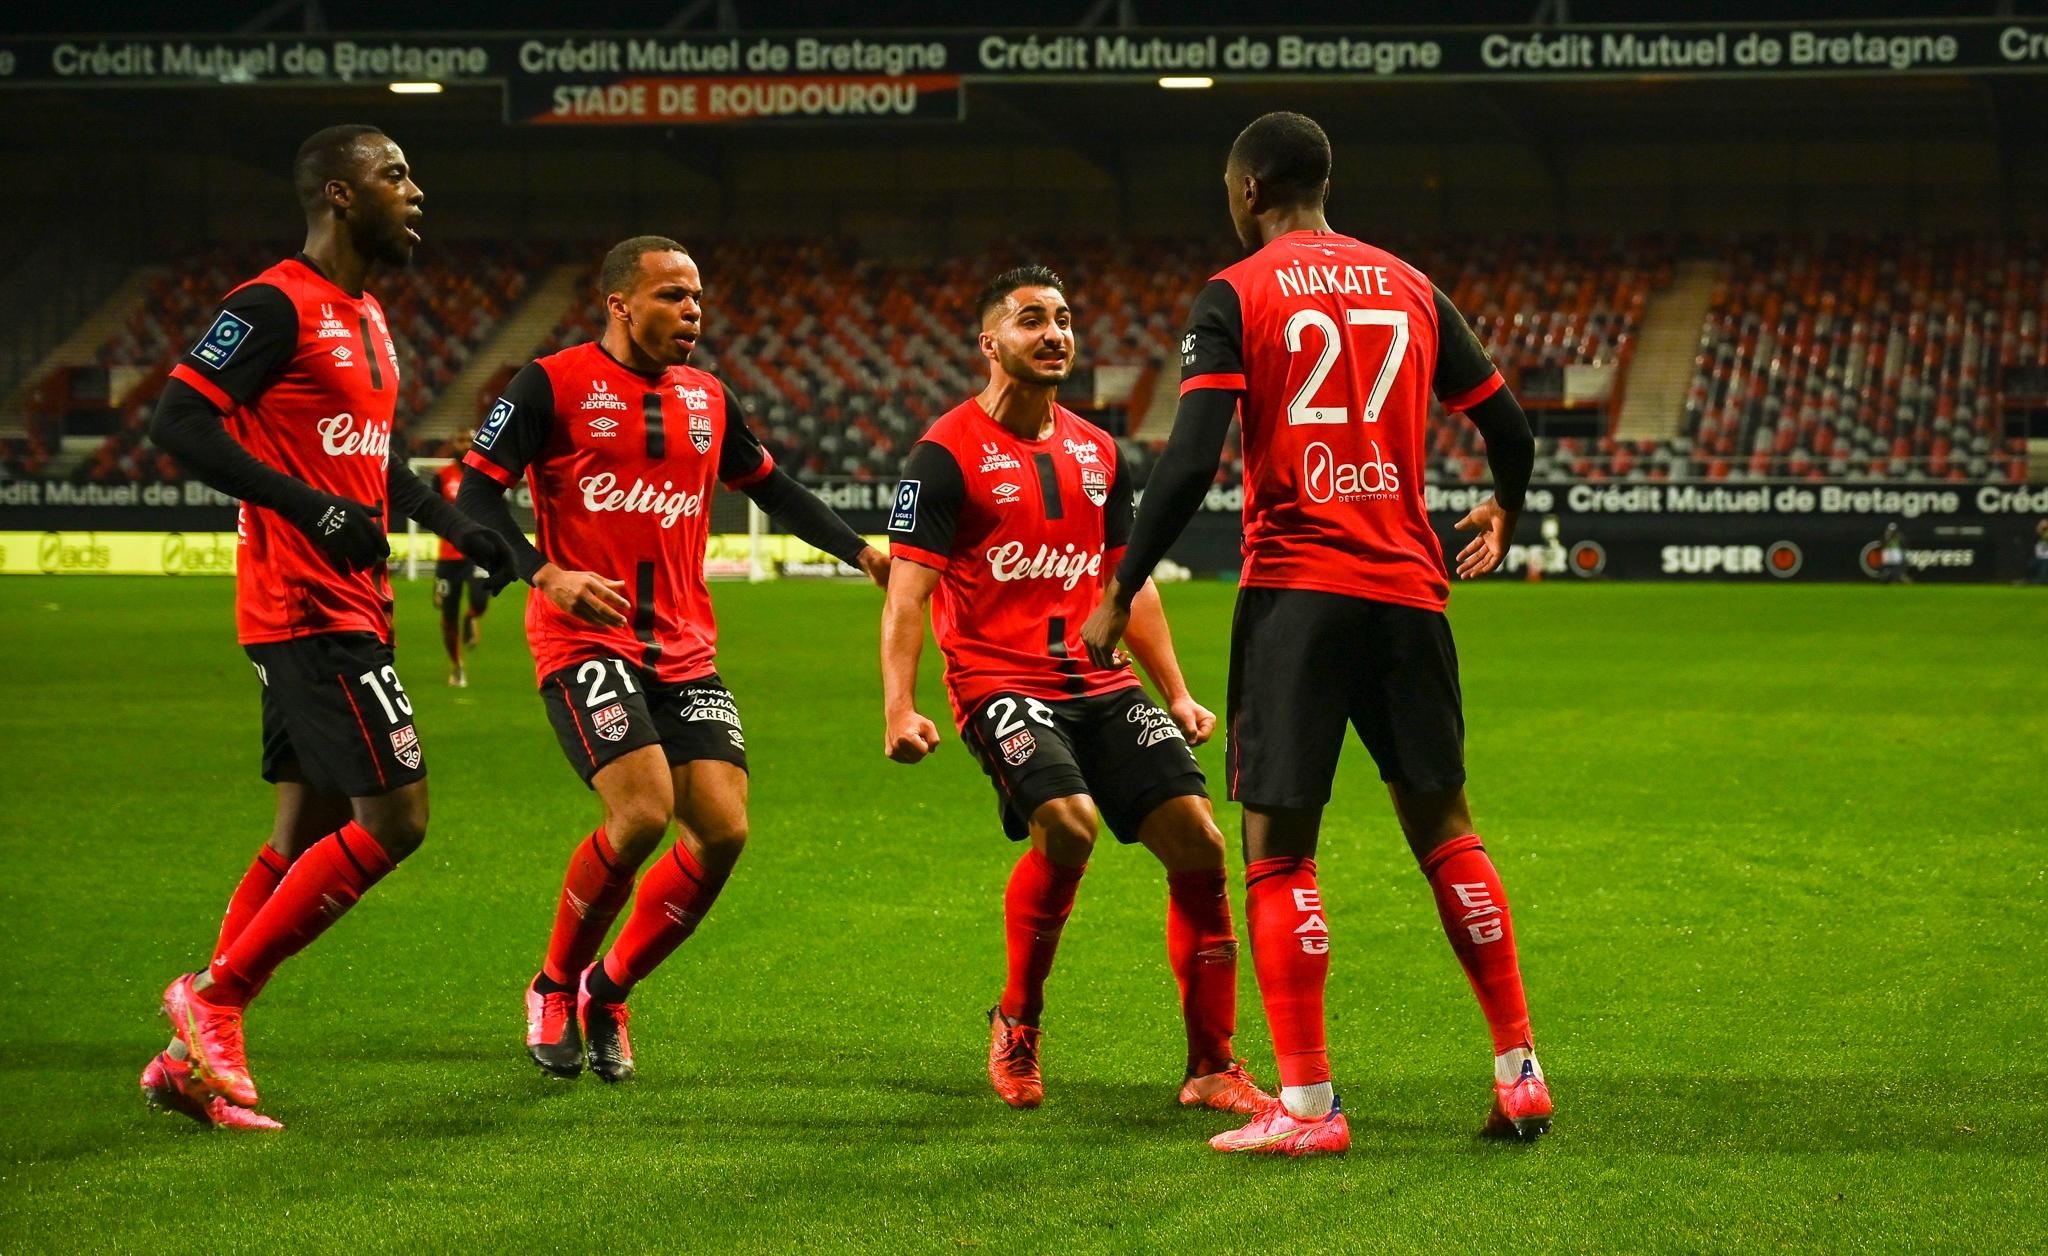 16 EA Guingamp SM Caen 2-2 Ligue 2 BKT Journée 26 2020-21 22 02 2021 EAGSMC